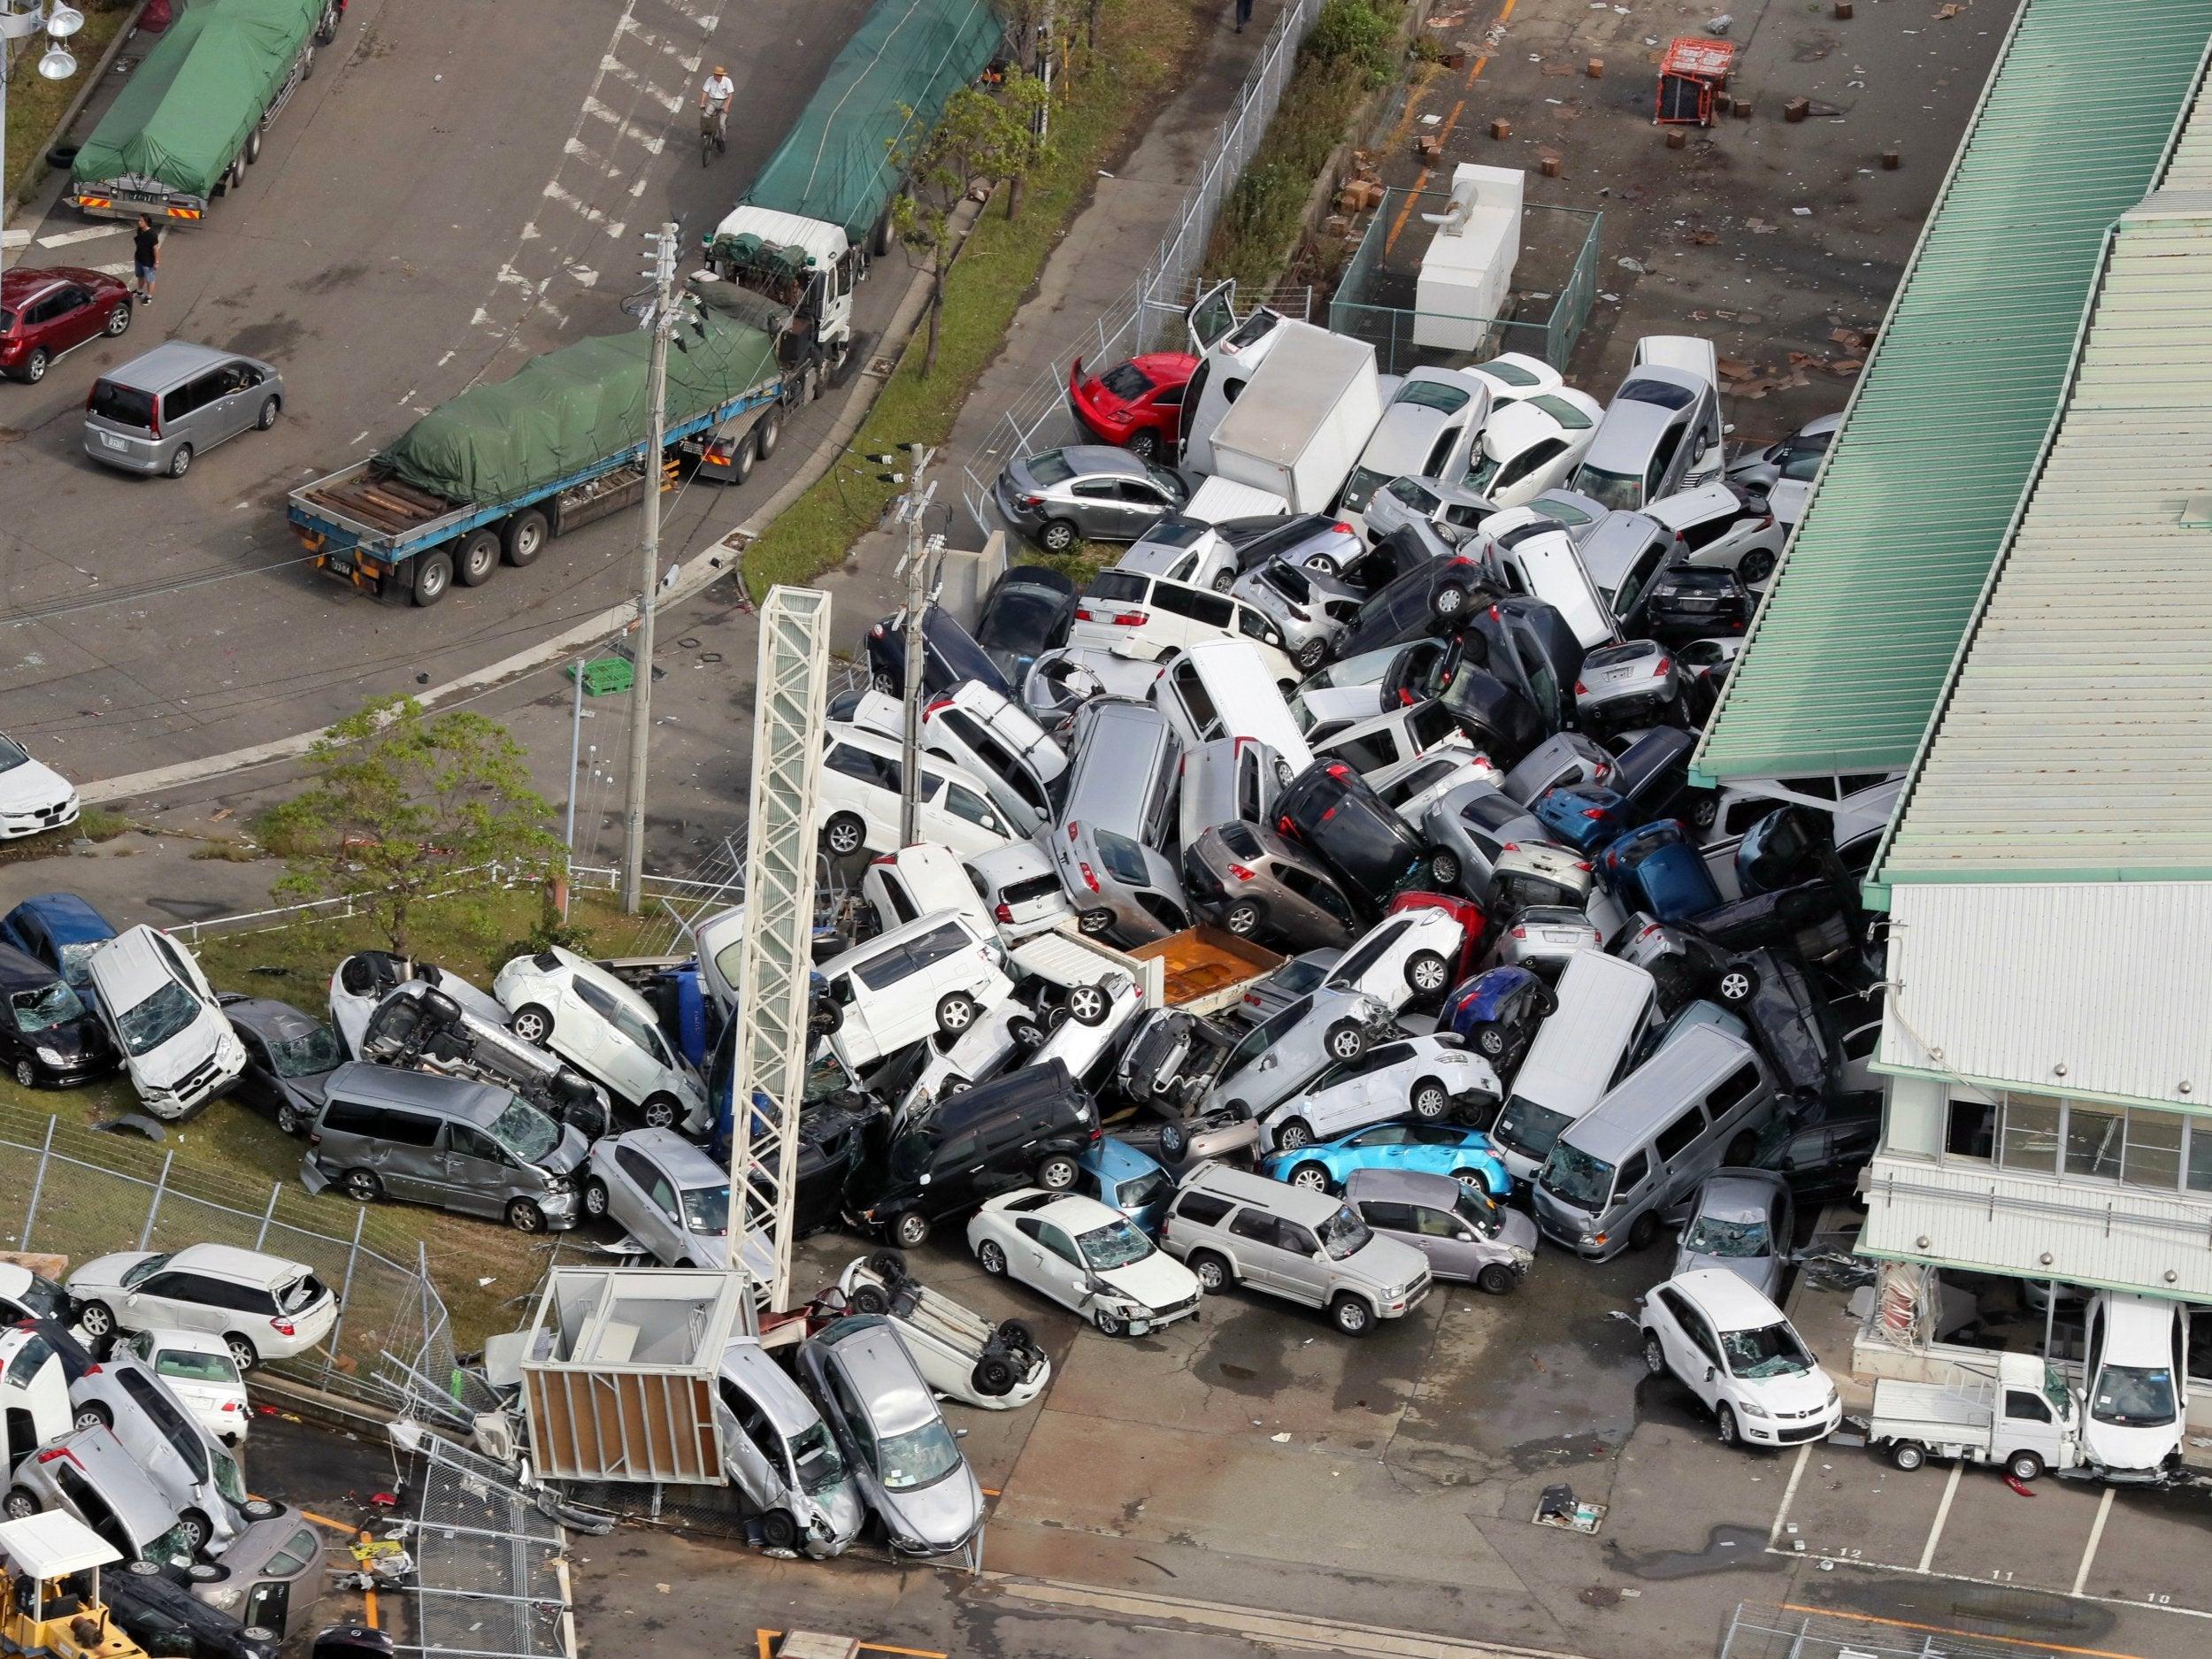 Gelombang Panas hingga Topan yang Menerjang Jepang Bukan Bencana Biasa